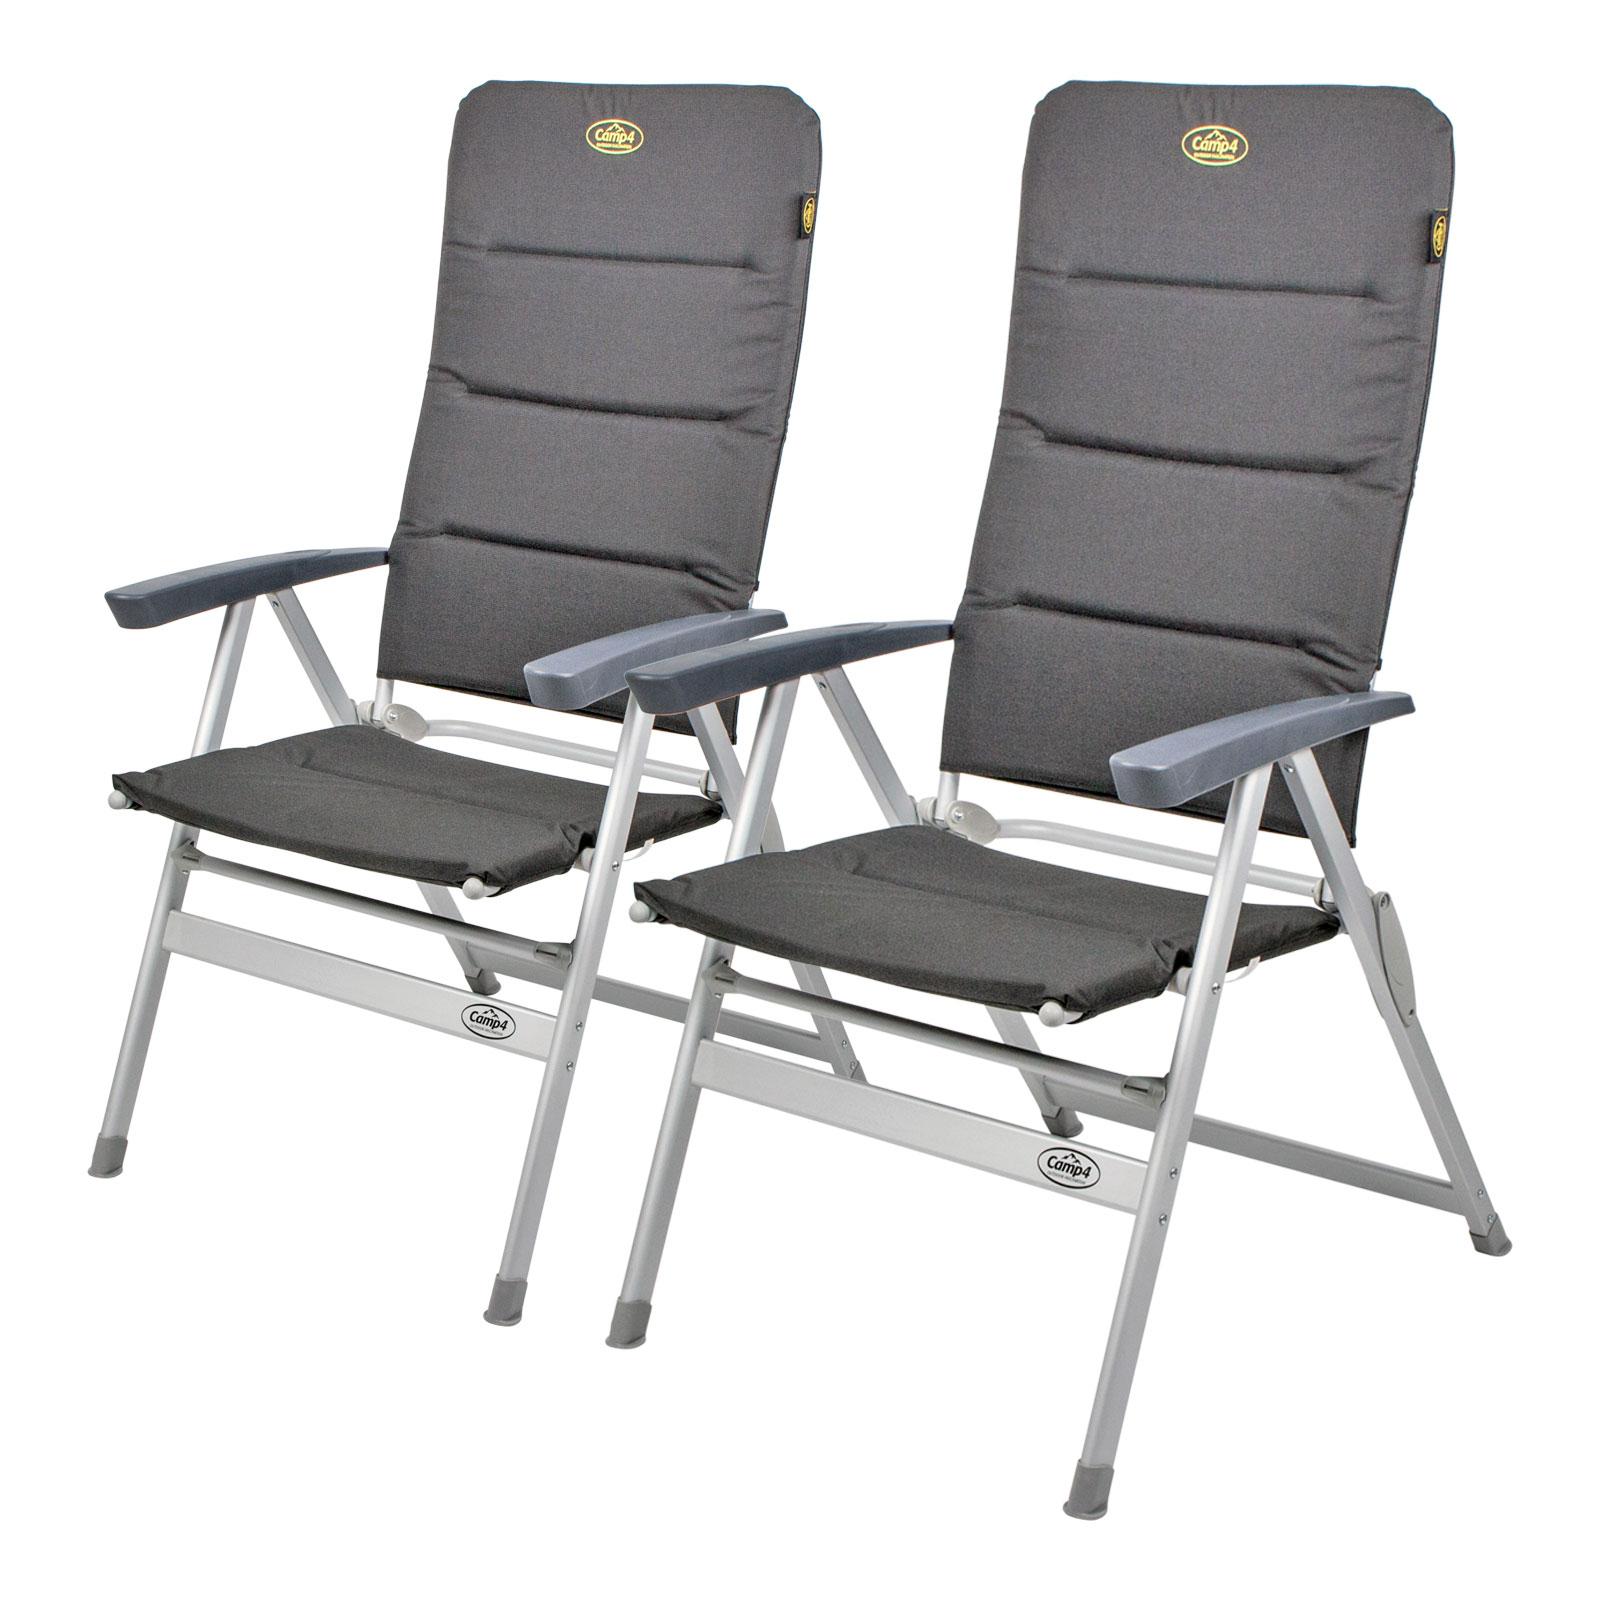 camp 4 campingsessel grenoble set 2 st ck lehne. Black Bedroom Furniture Sets. Home Design Ideas